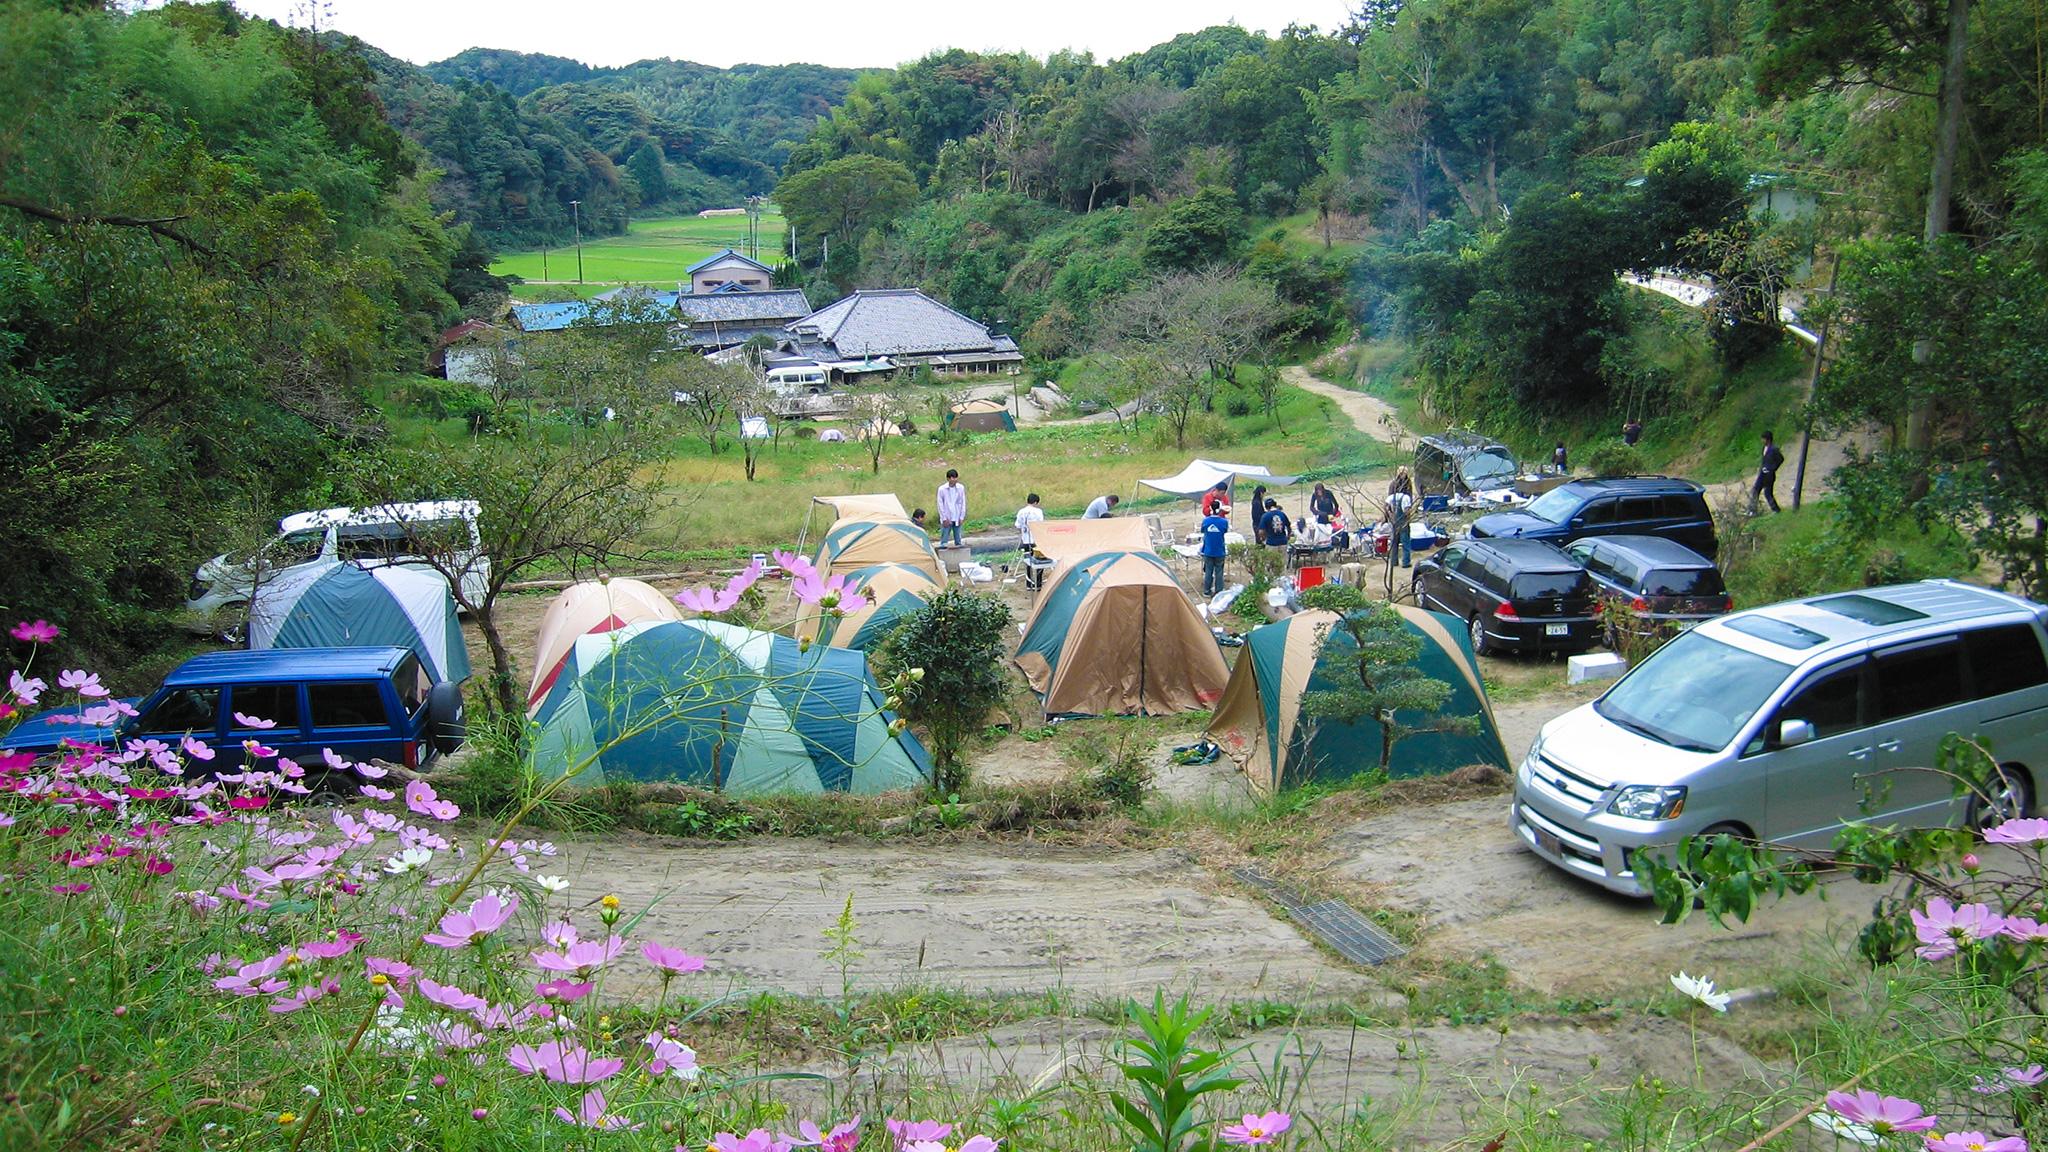 クタ の 里 オート キャンプ 場 久多の里オートキャンプ場を詳しく紹介します~「おやじキャンプ飯」...